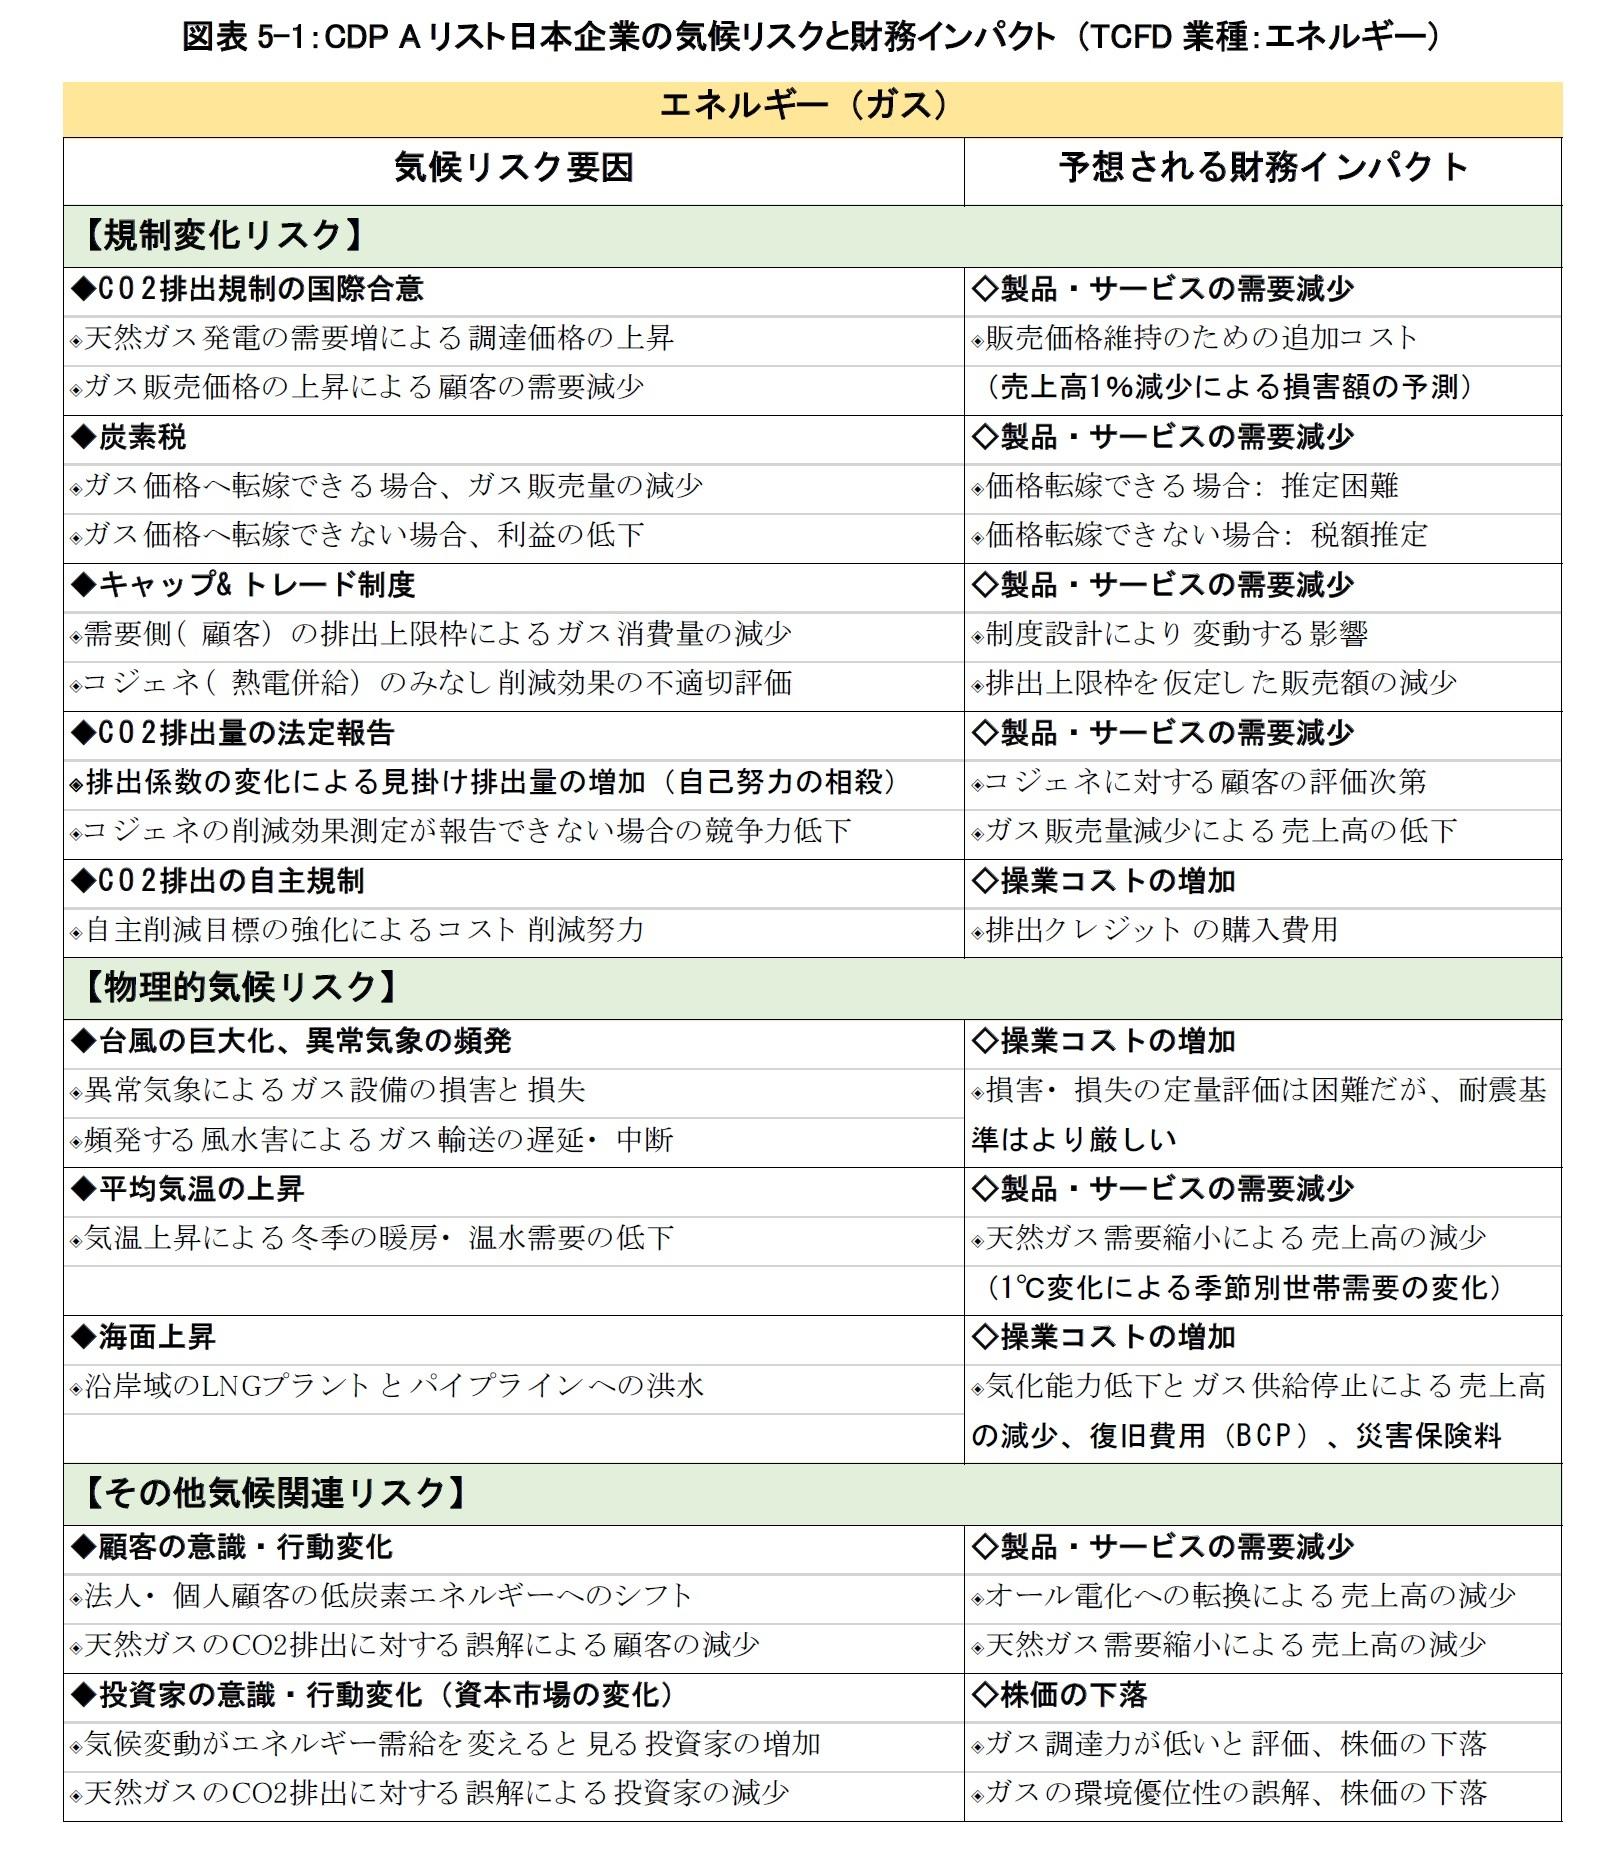 図表5-1:CDP Aリスト日本企業の気候リスクと財務インパクト (TCFD業種:エネルギー)